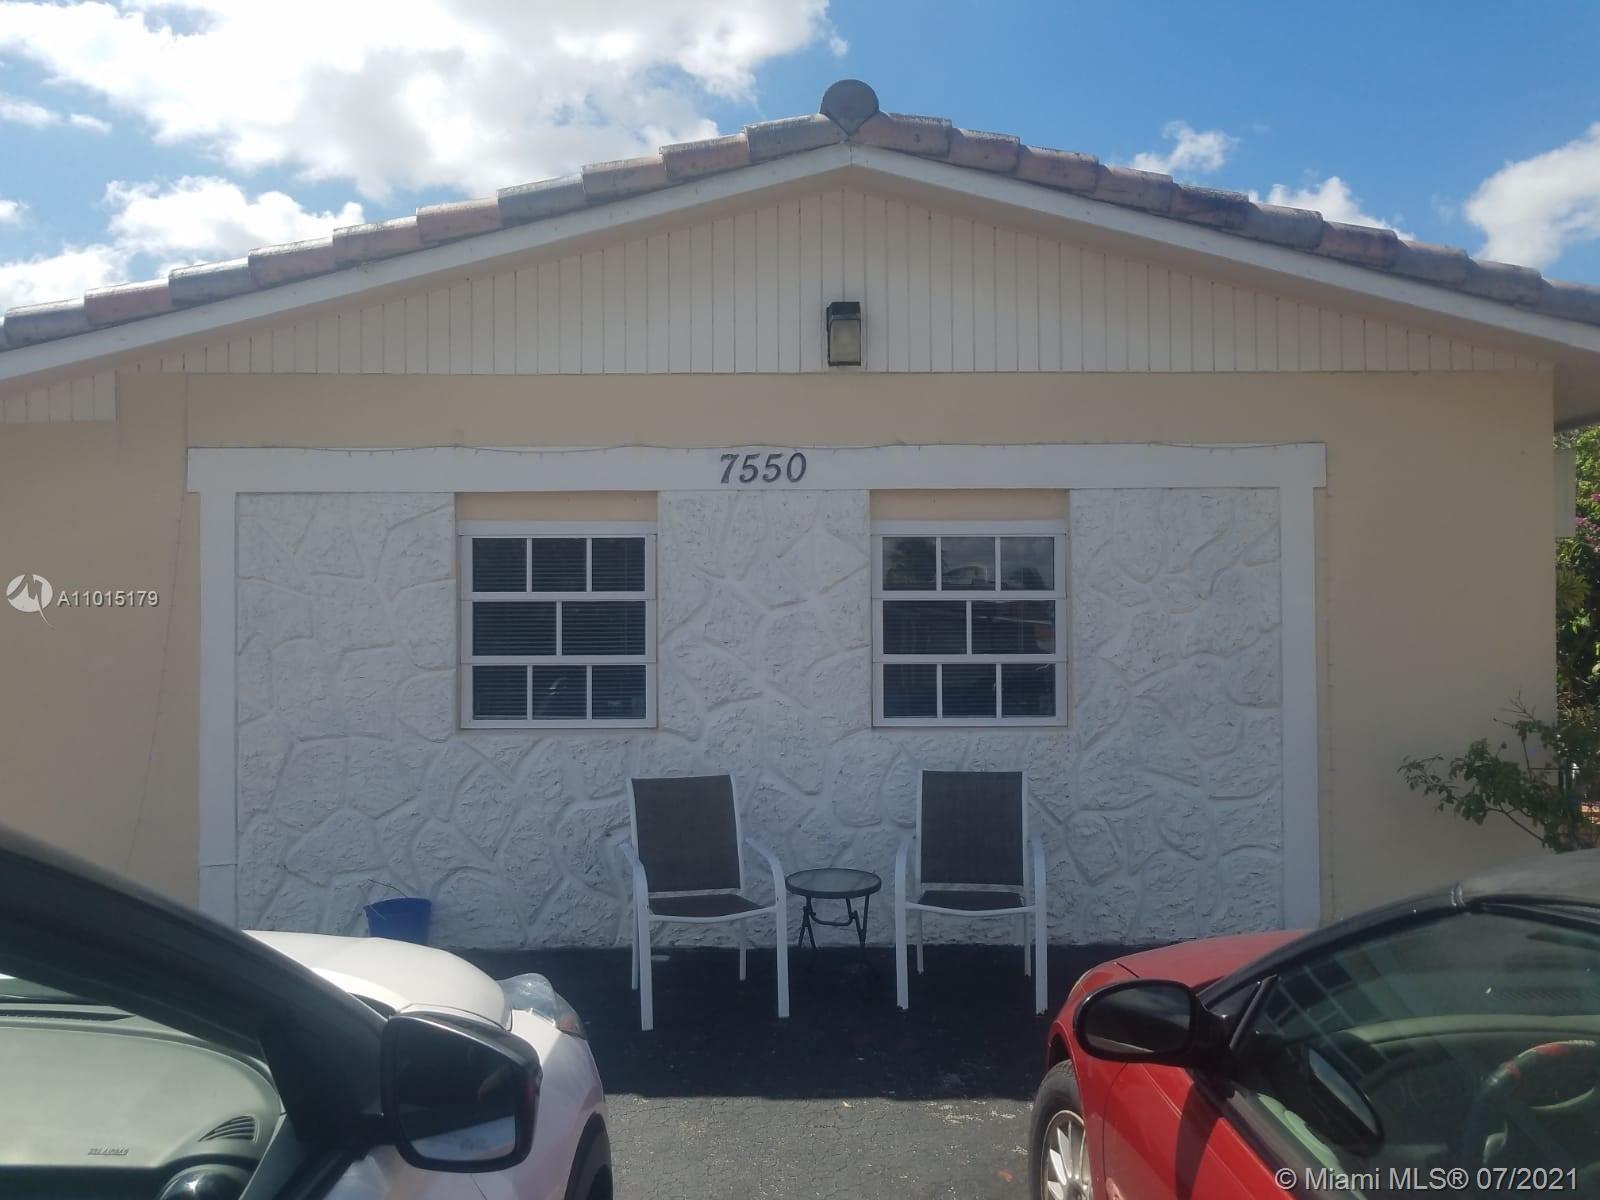 7550 SW 133rd Ave, Miami, FL 33183 - #: A11015179